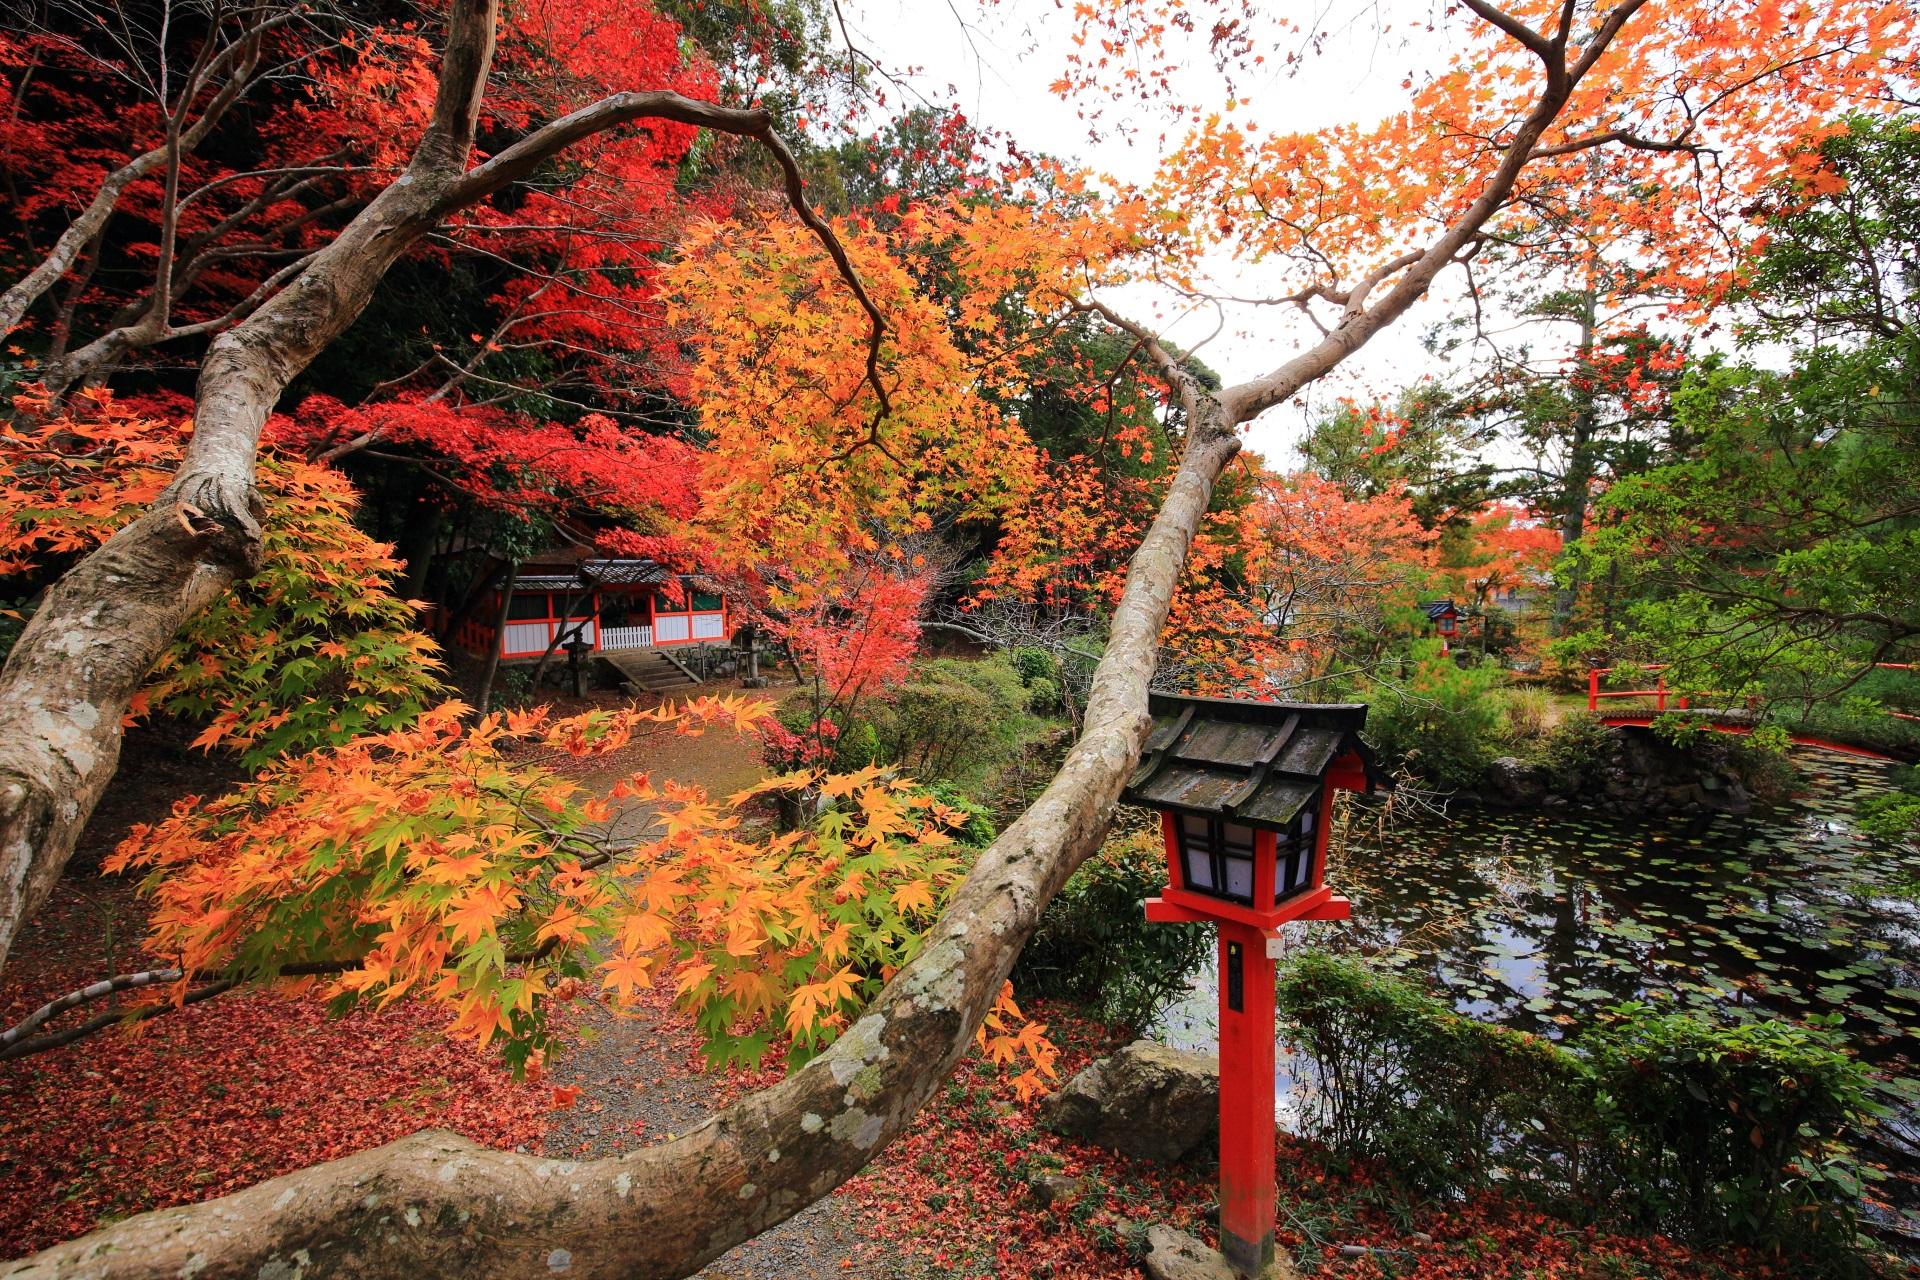 色とりどりの紅葉につつまれる鯉沢の池